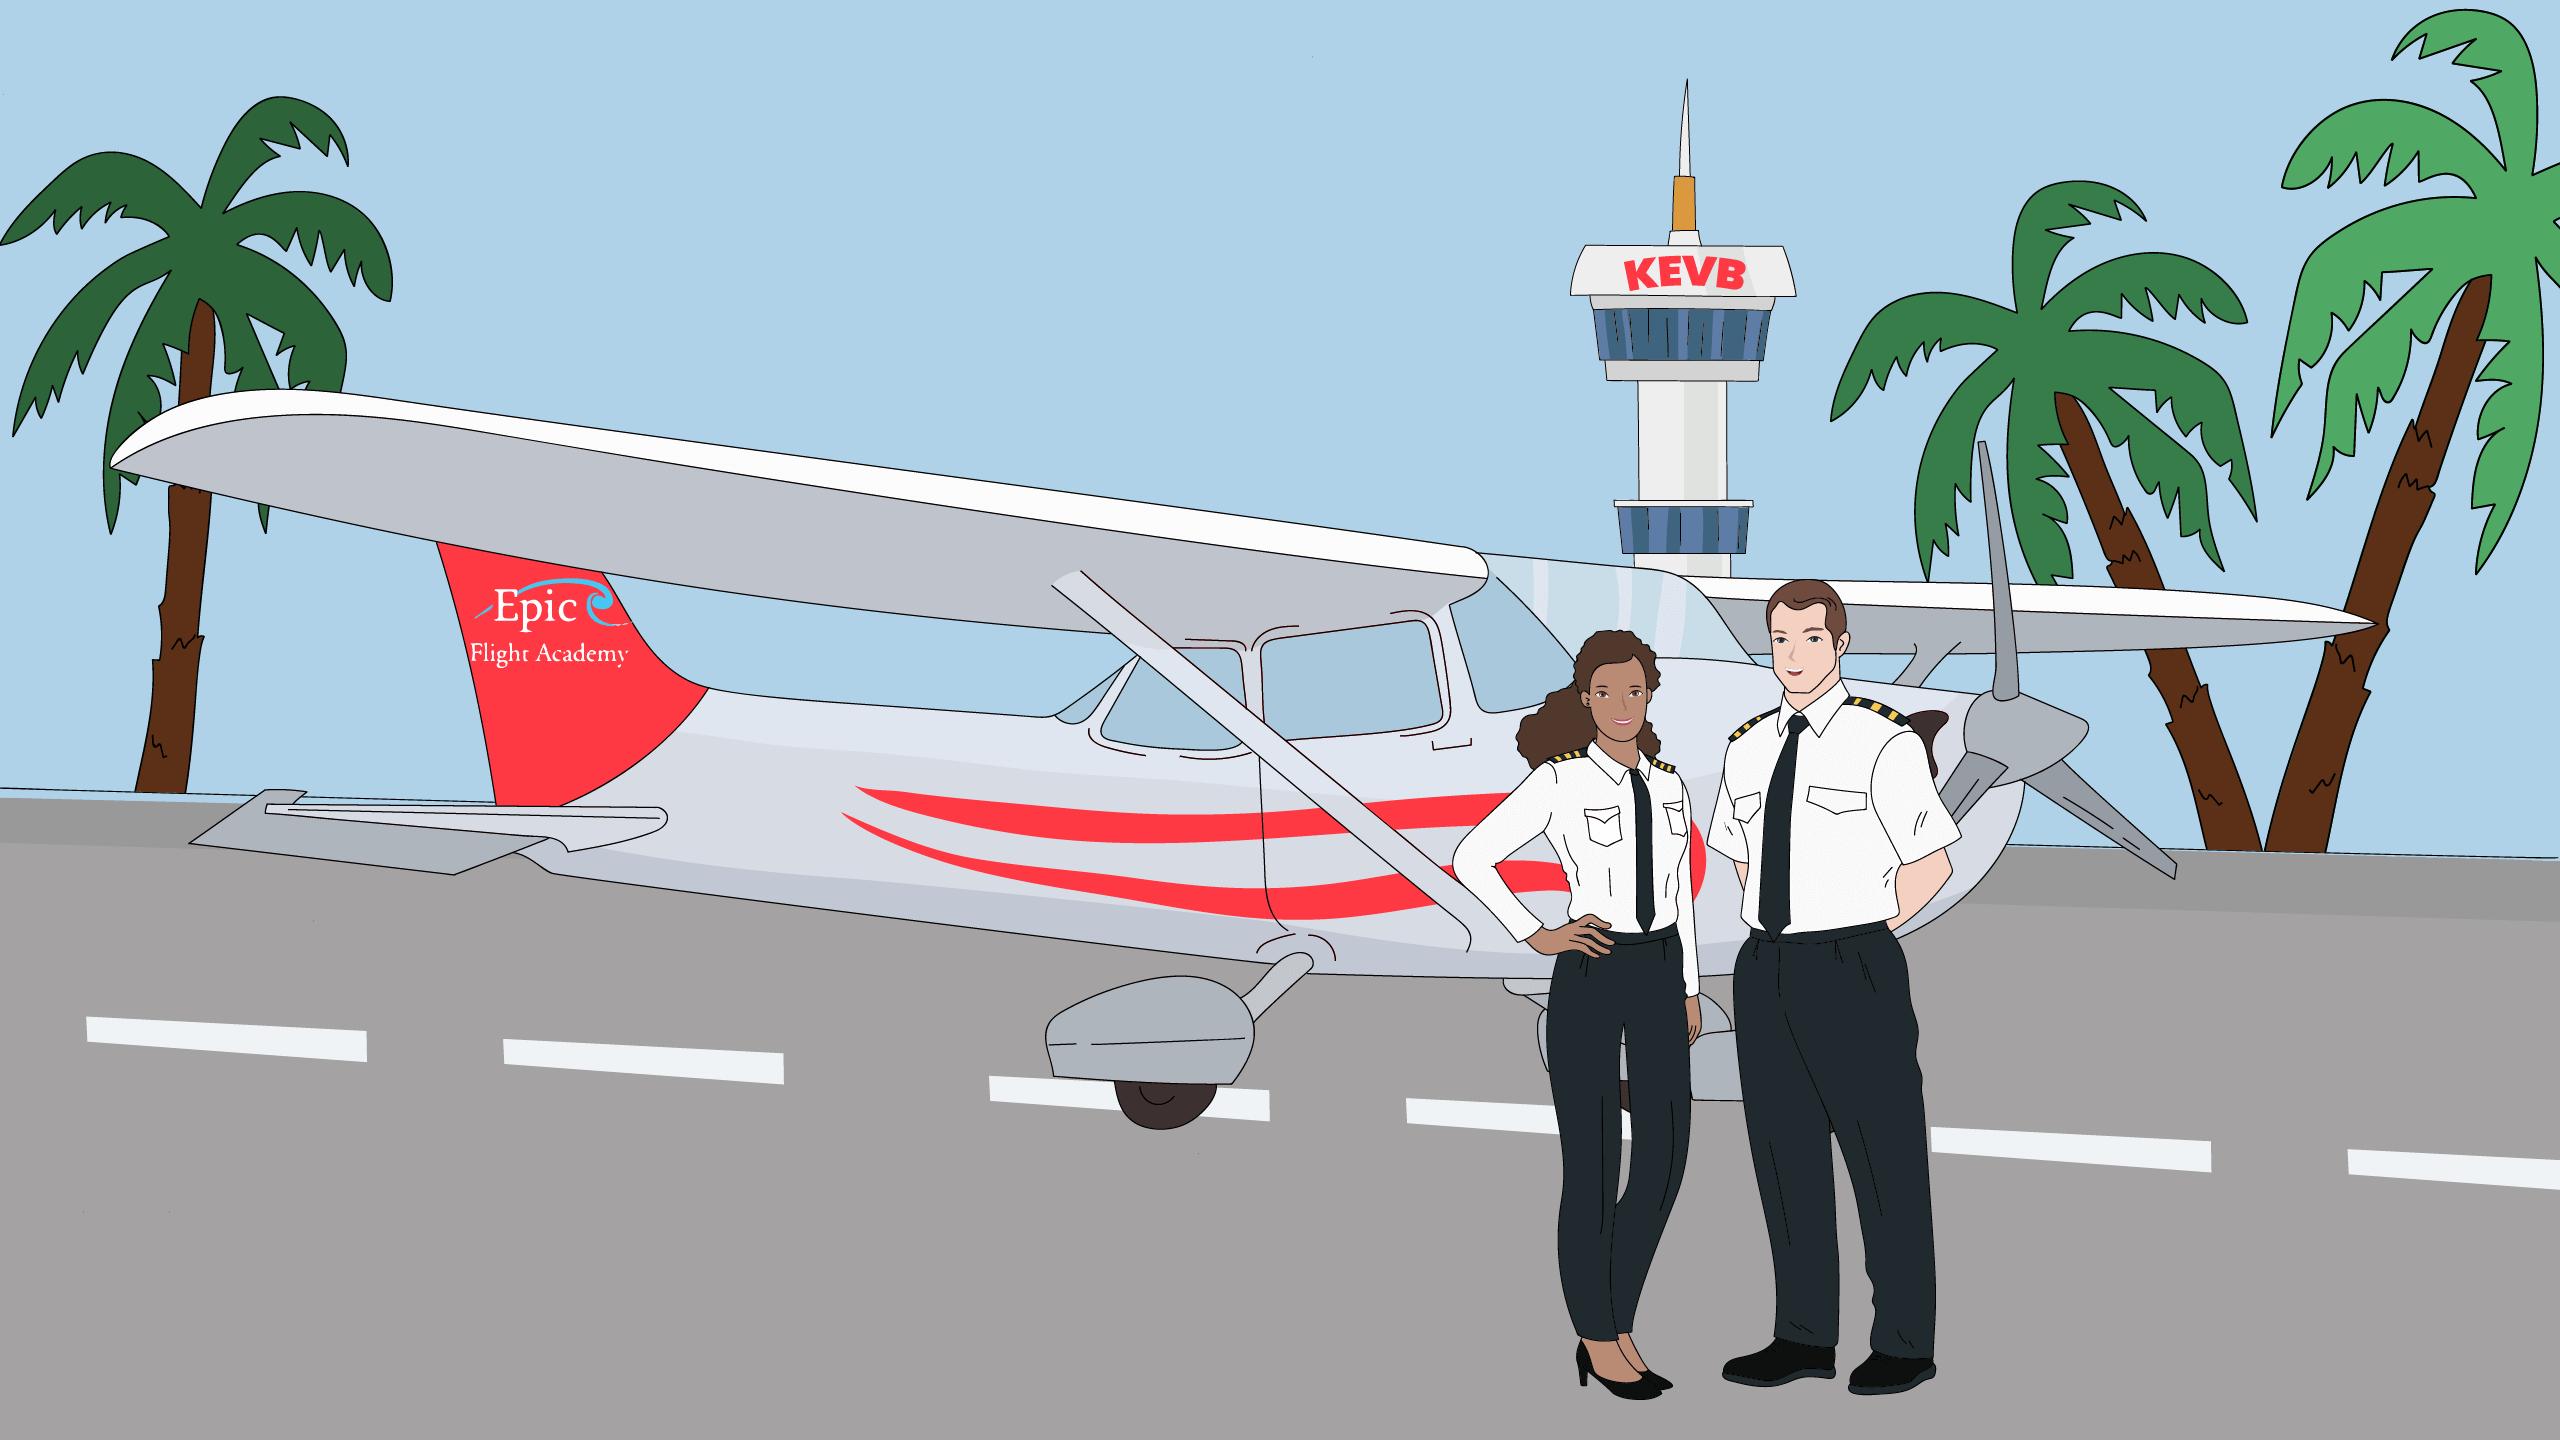 Škola leta i centar za obuku pilota